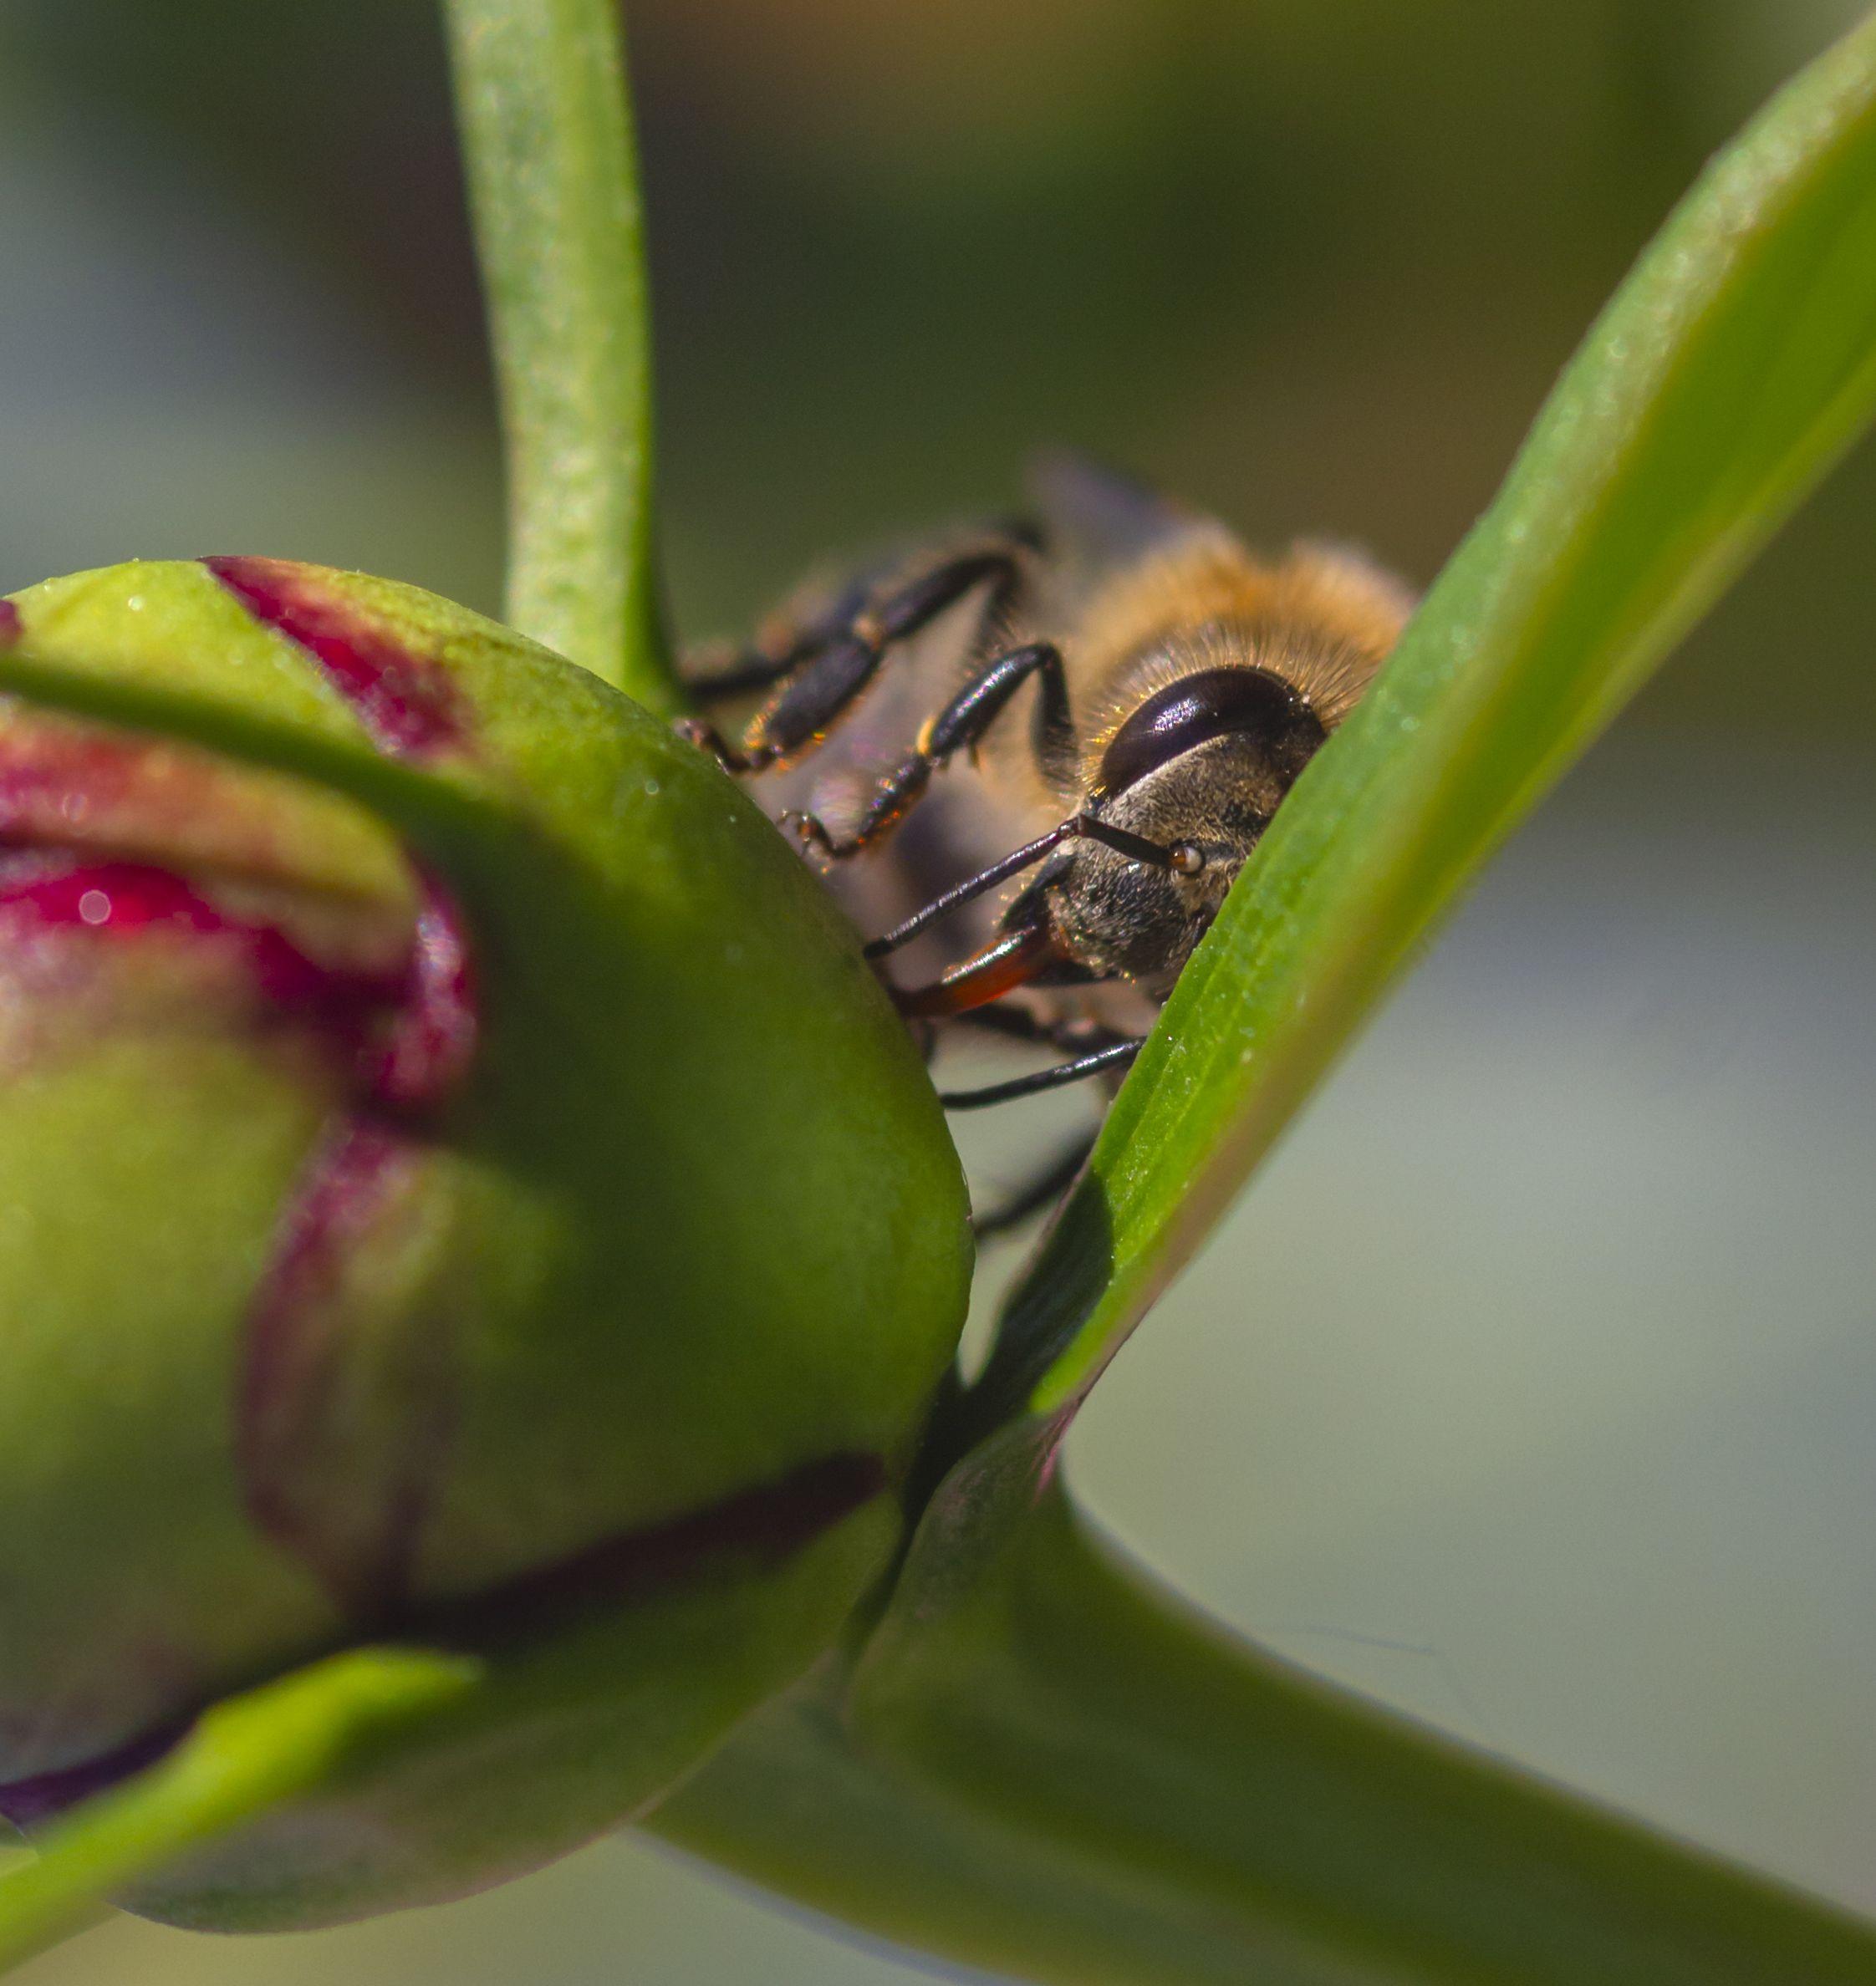 макро, природа, насекомые, пчелы, лето, Александр Кожухов